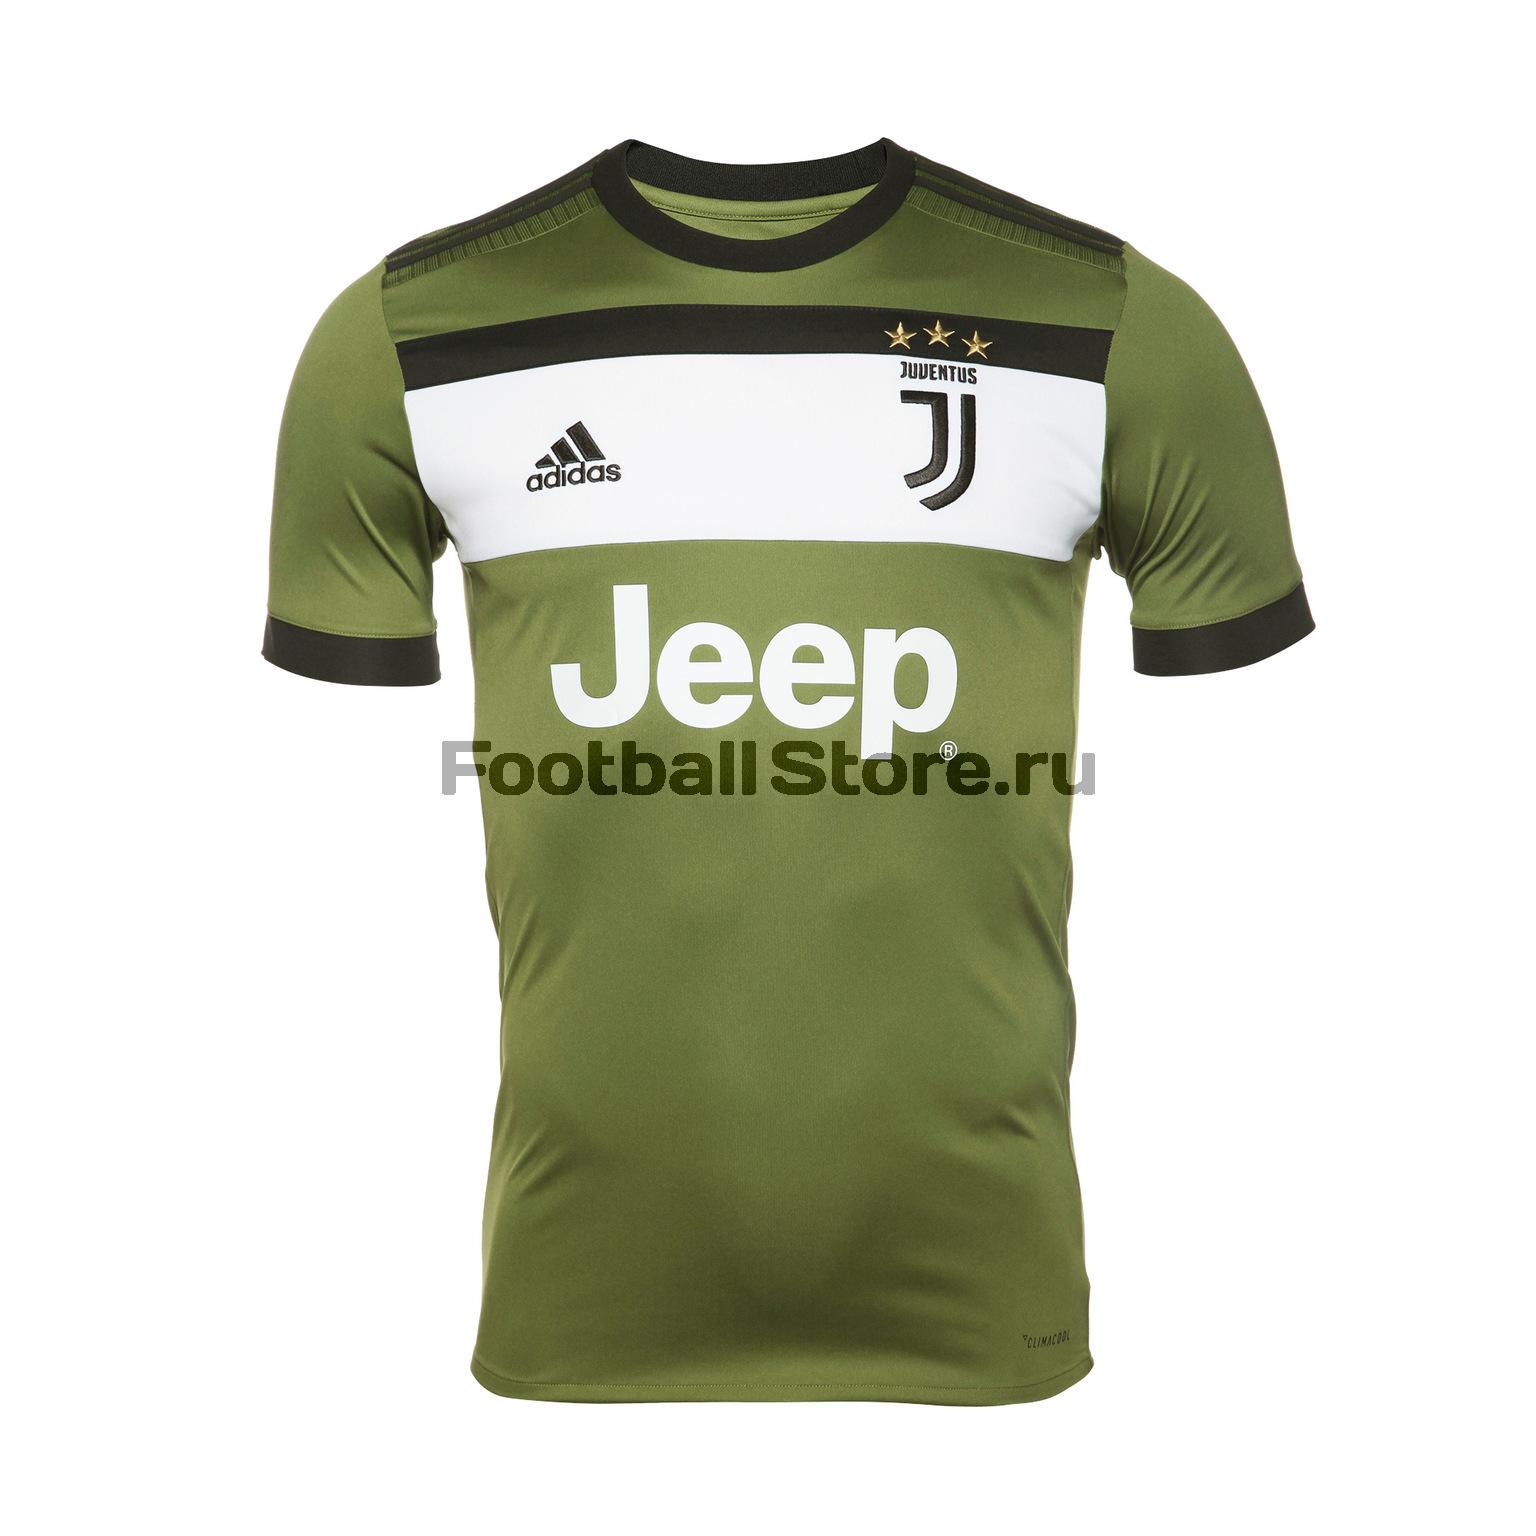 Футболка резервная игровая Adidas Juventus 2017/18 рюкзак adidas juventus cy5571